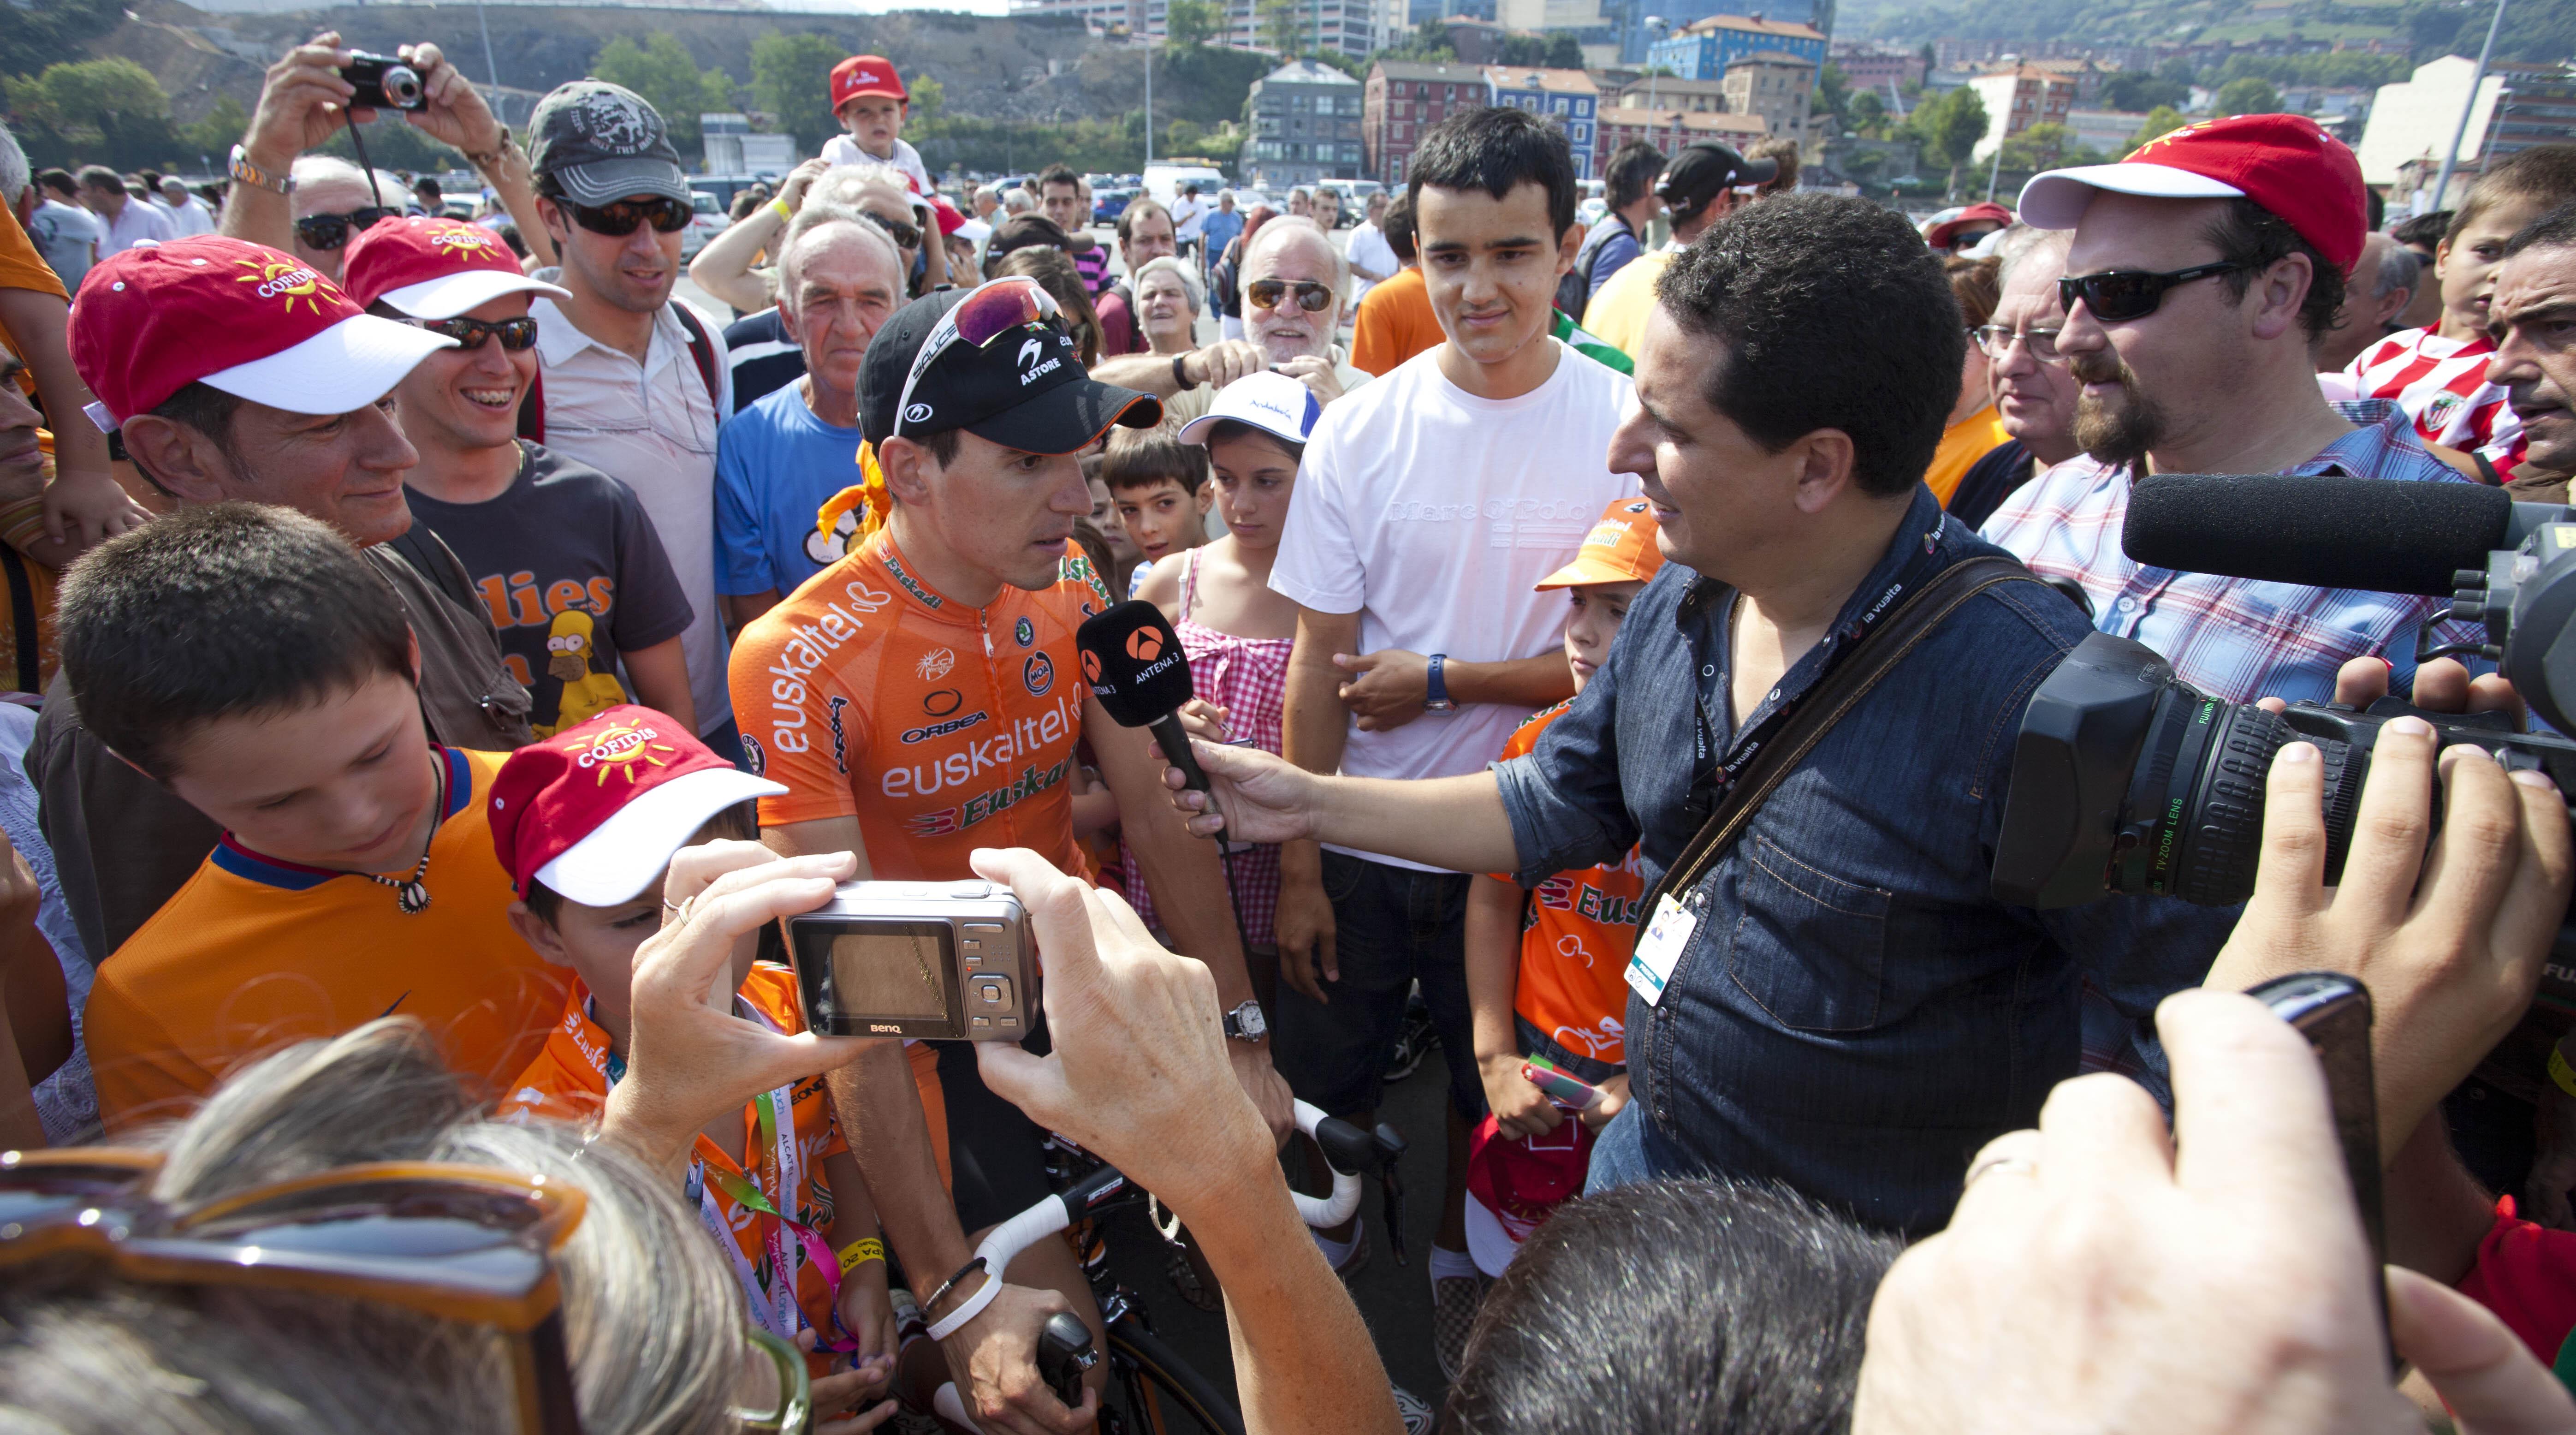 2011_09_10_vuelta_bilbao08.jpg